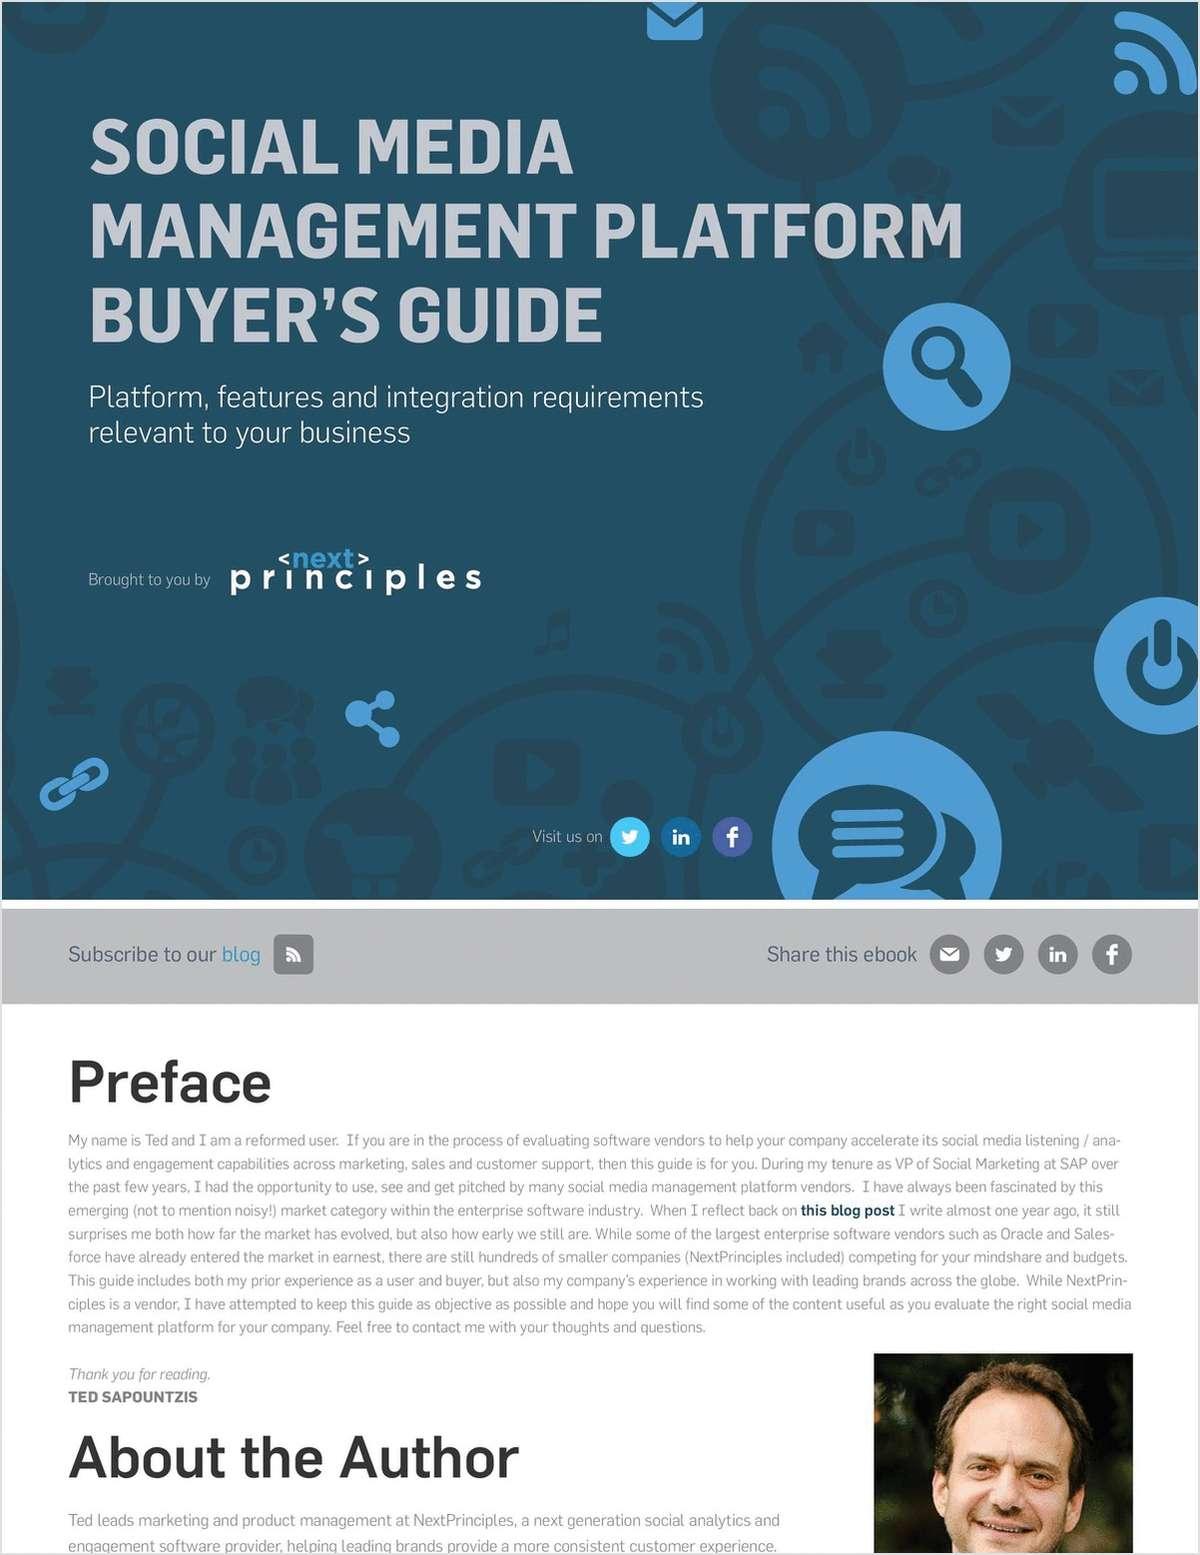 Social Media Management Platform Buyer's Guide